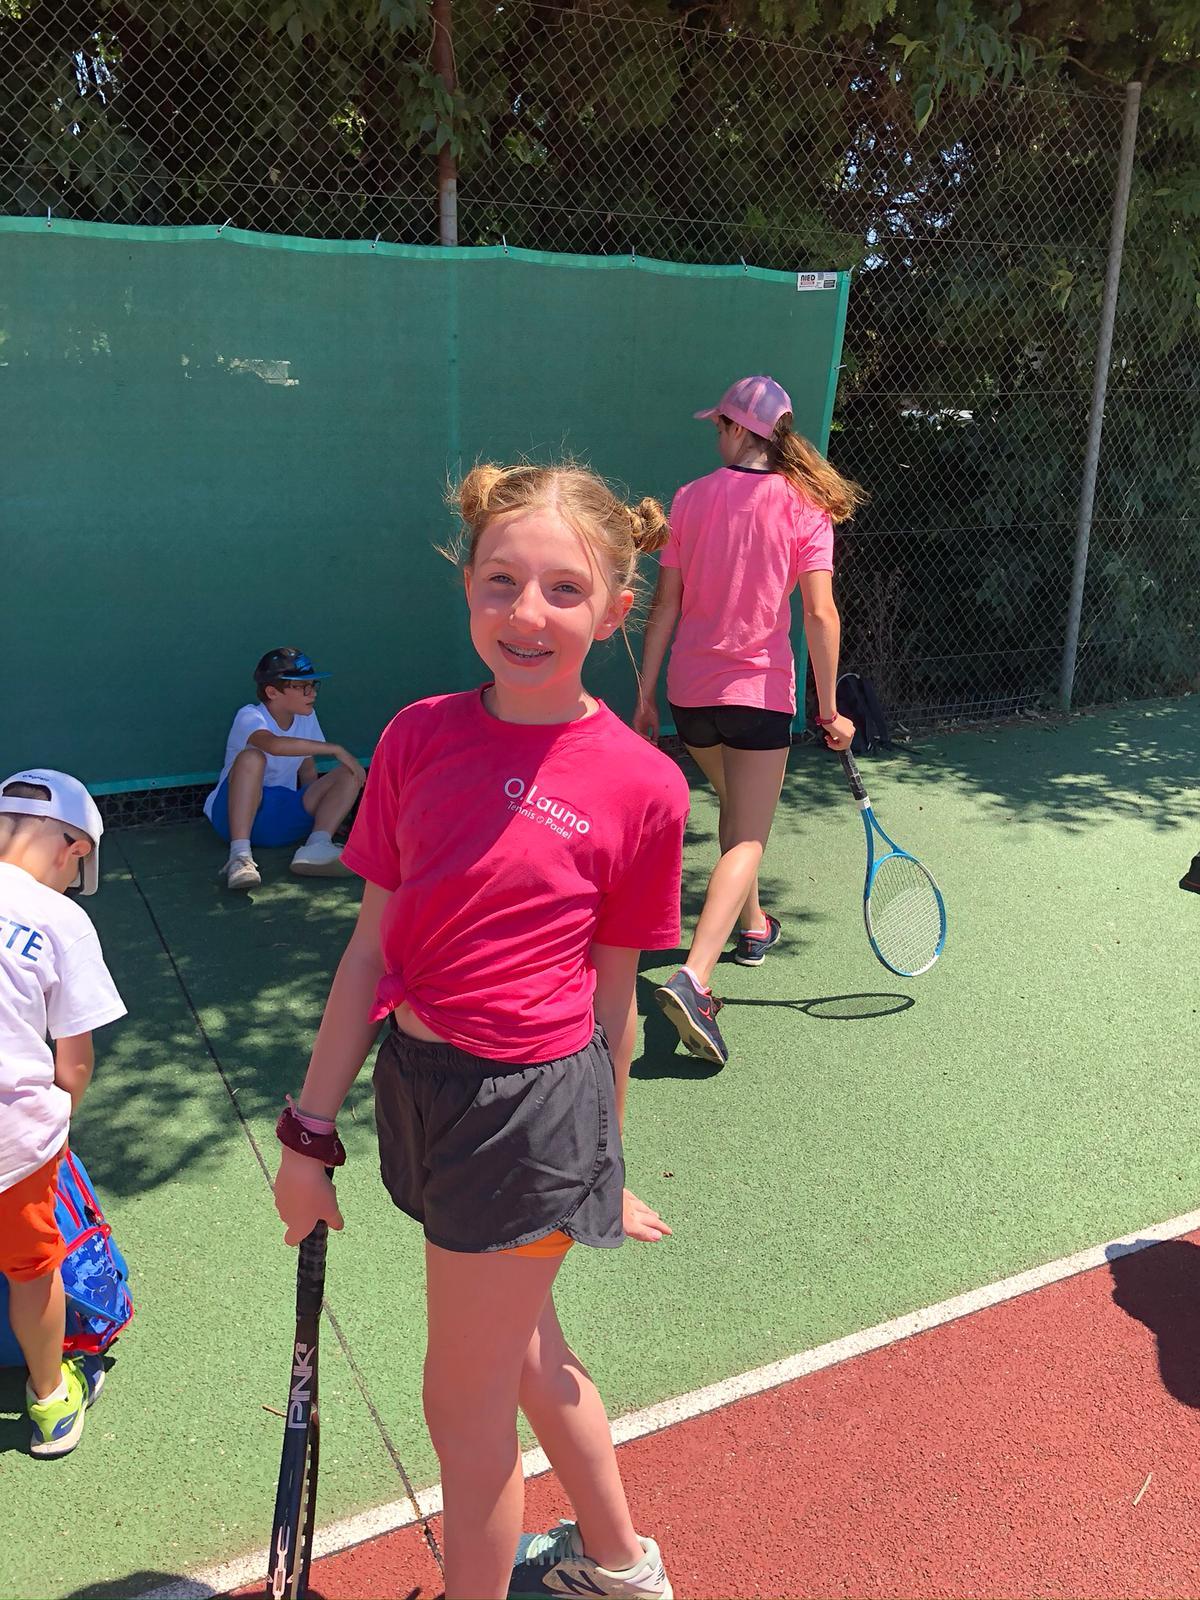 ecole de tennis du park - les accates - olivier launo 11